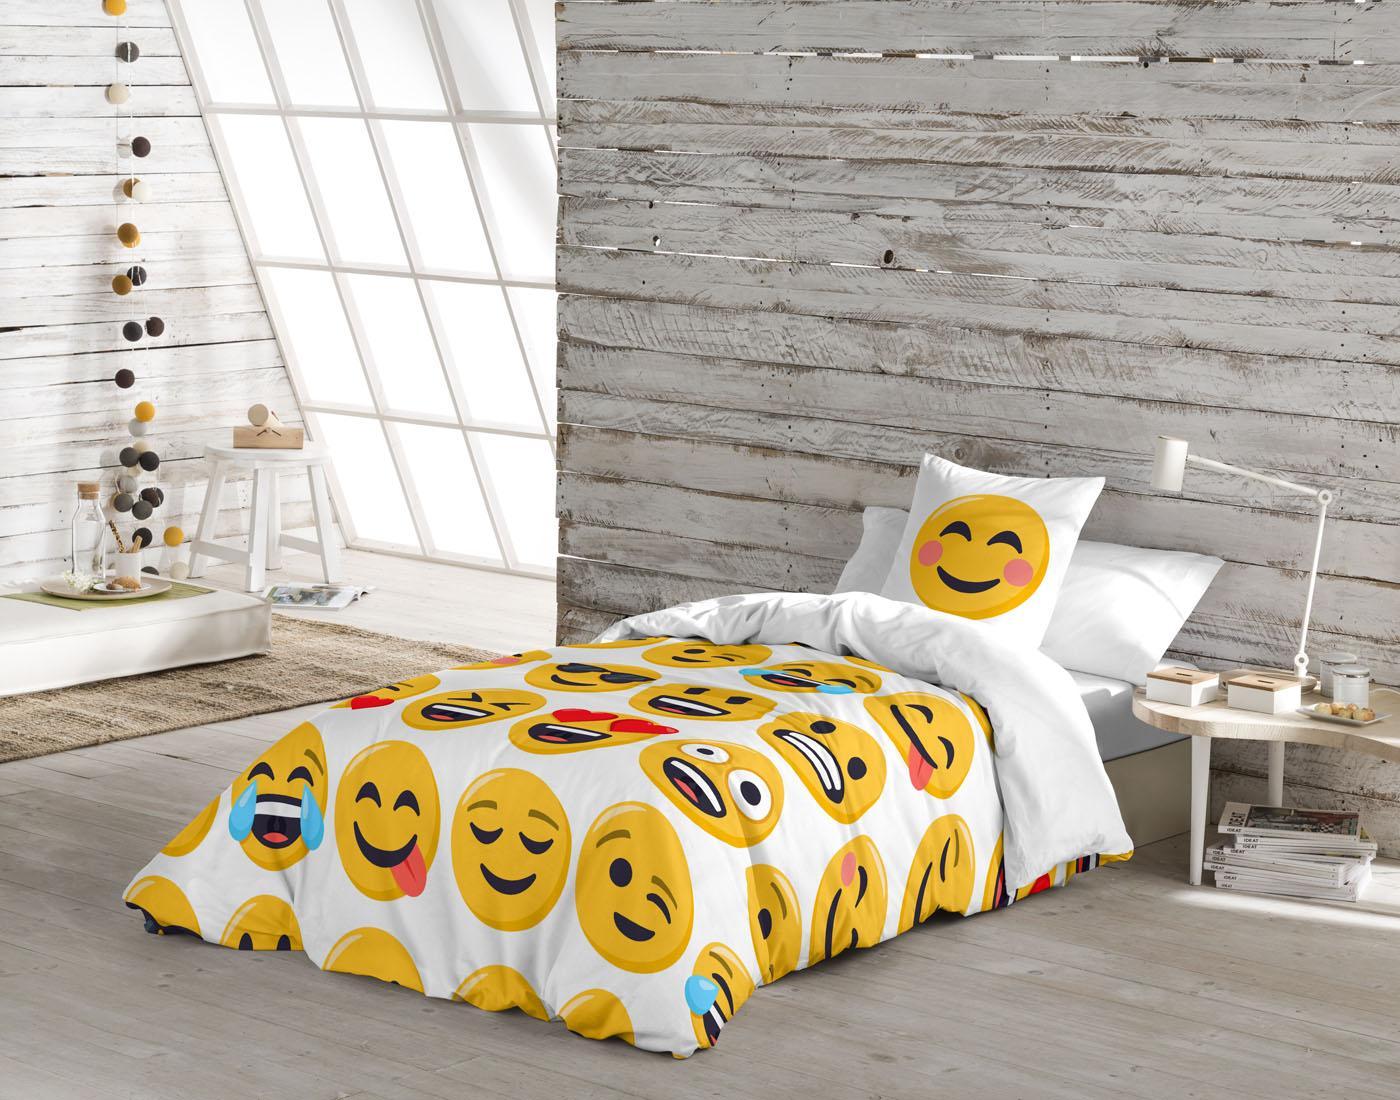 FUNDA NORDICA ILY  de JOY PIXELS EmojiOne